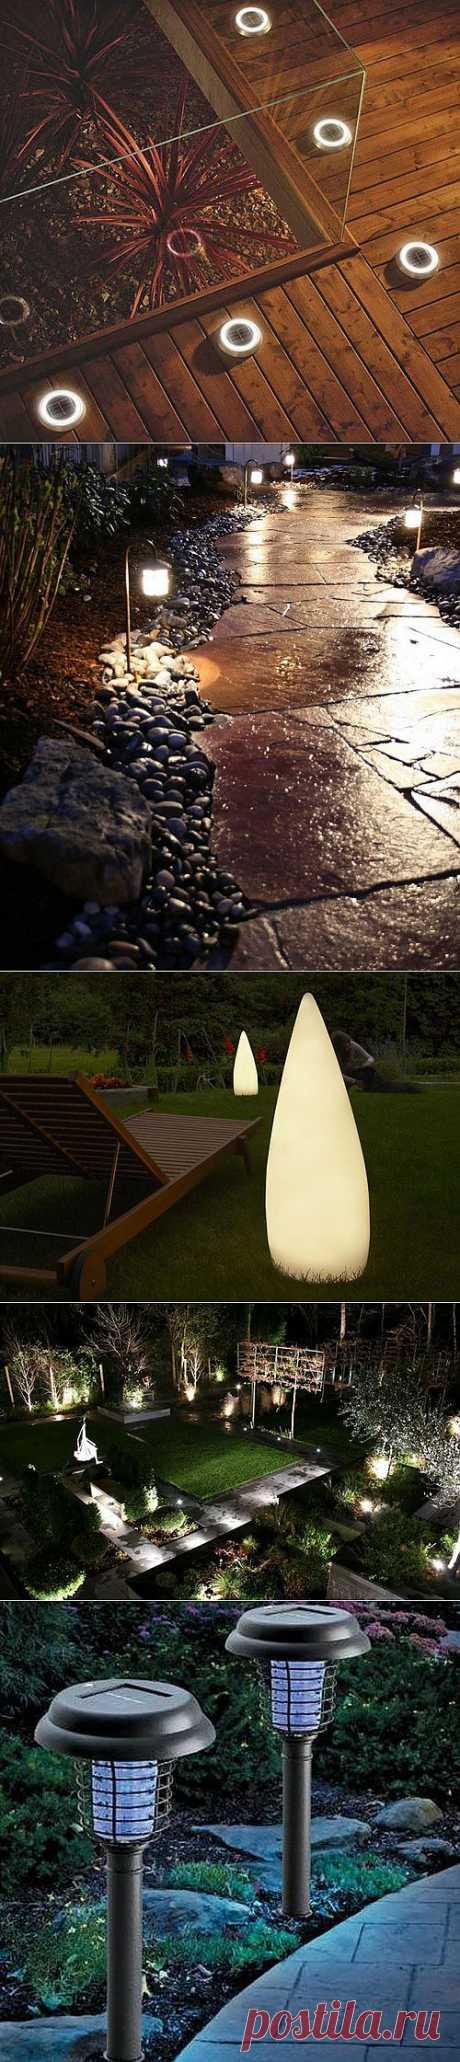 Садовые фонари для ландшафтного освещения (37 фото) | Дом Мечты